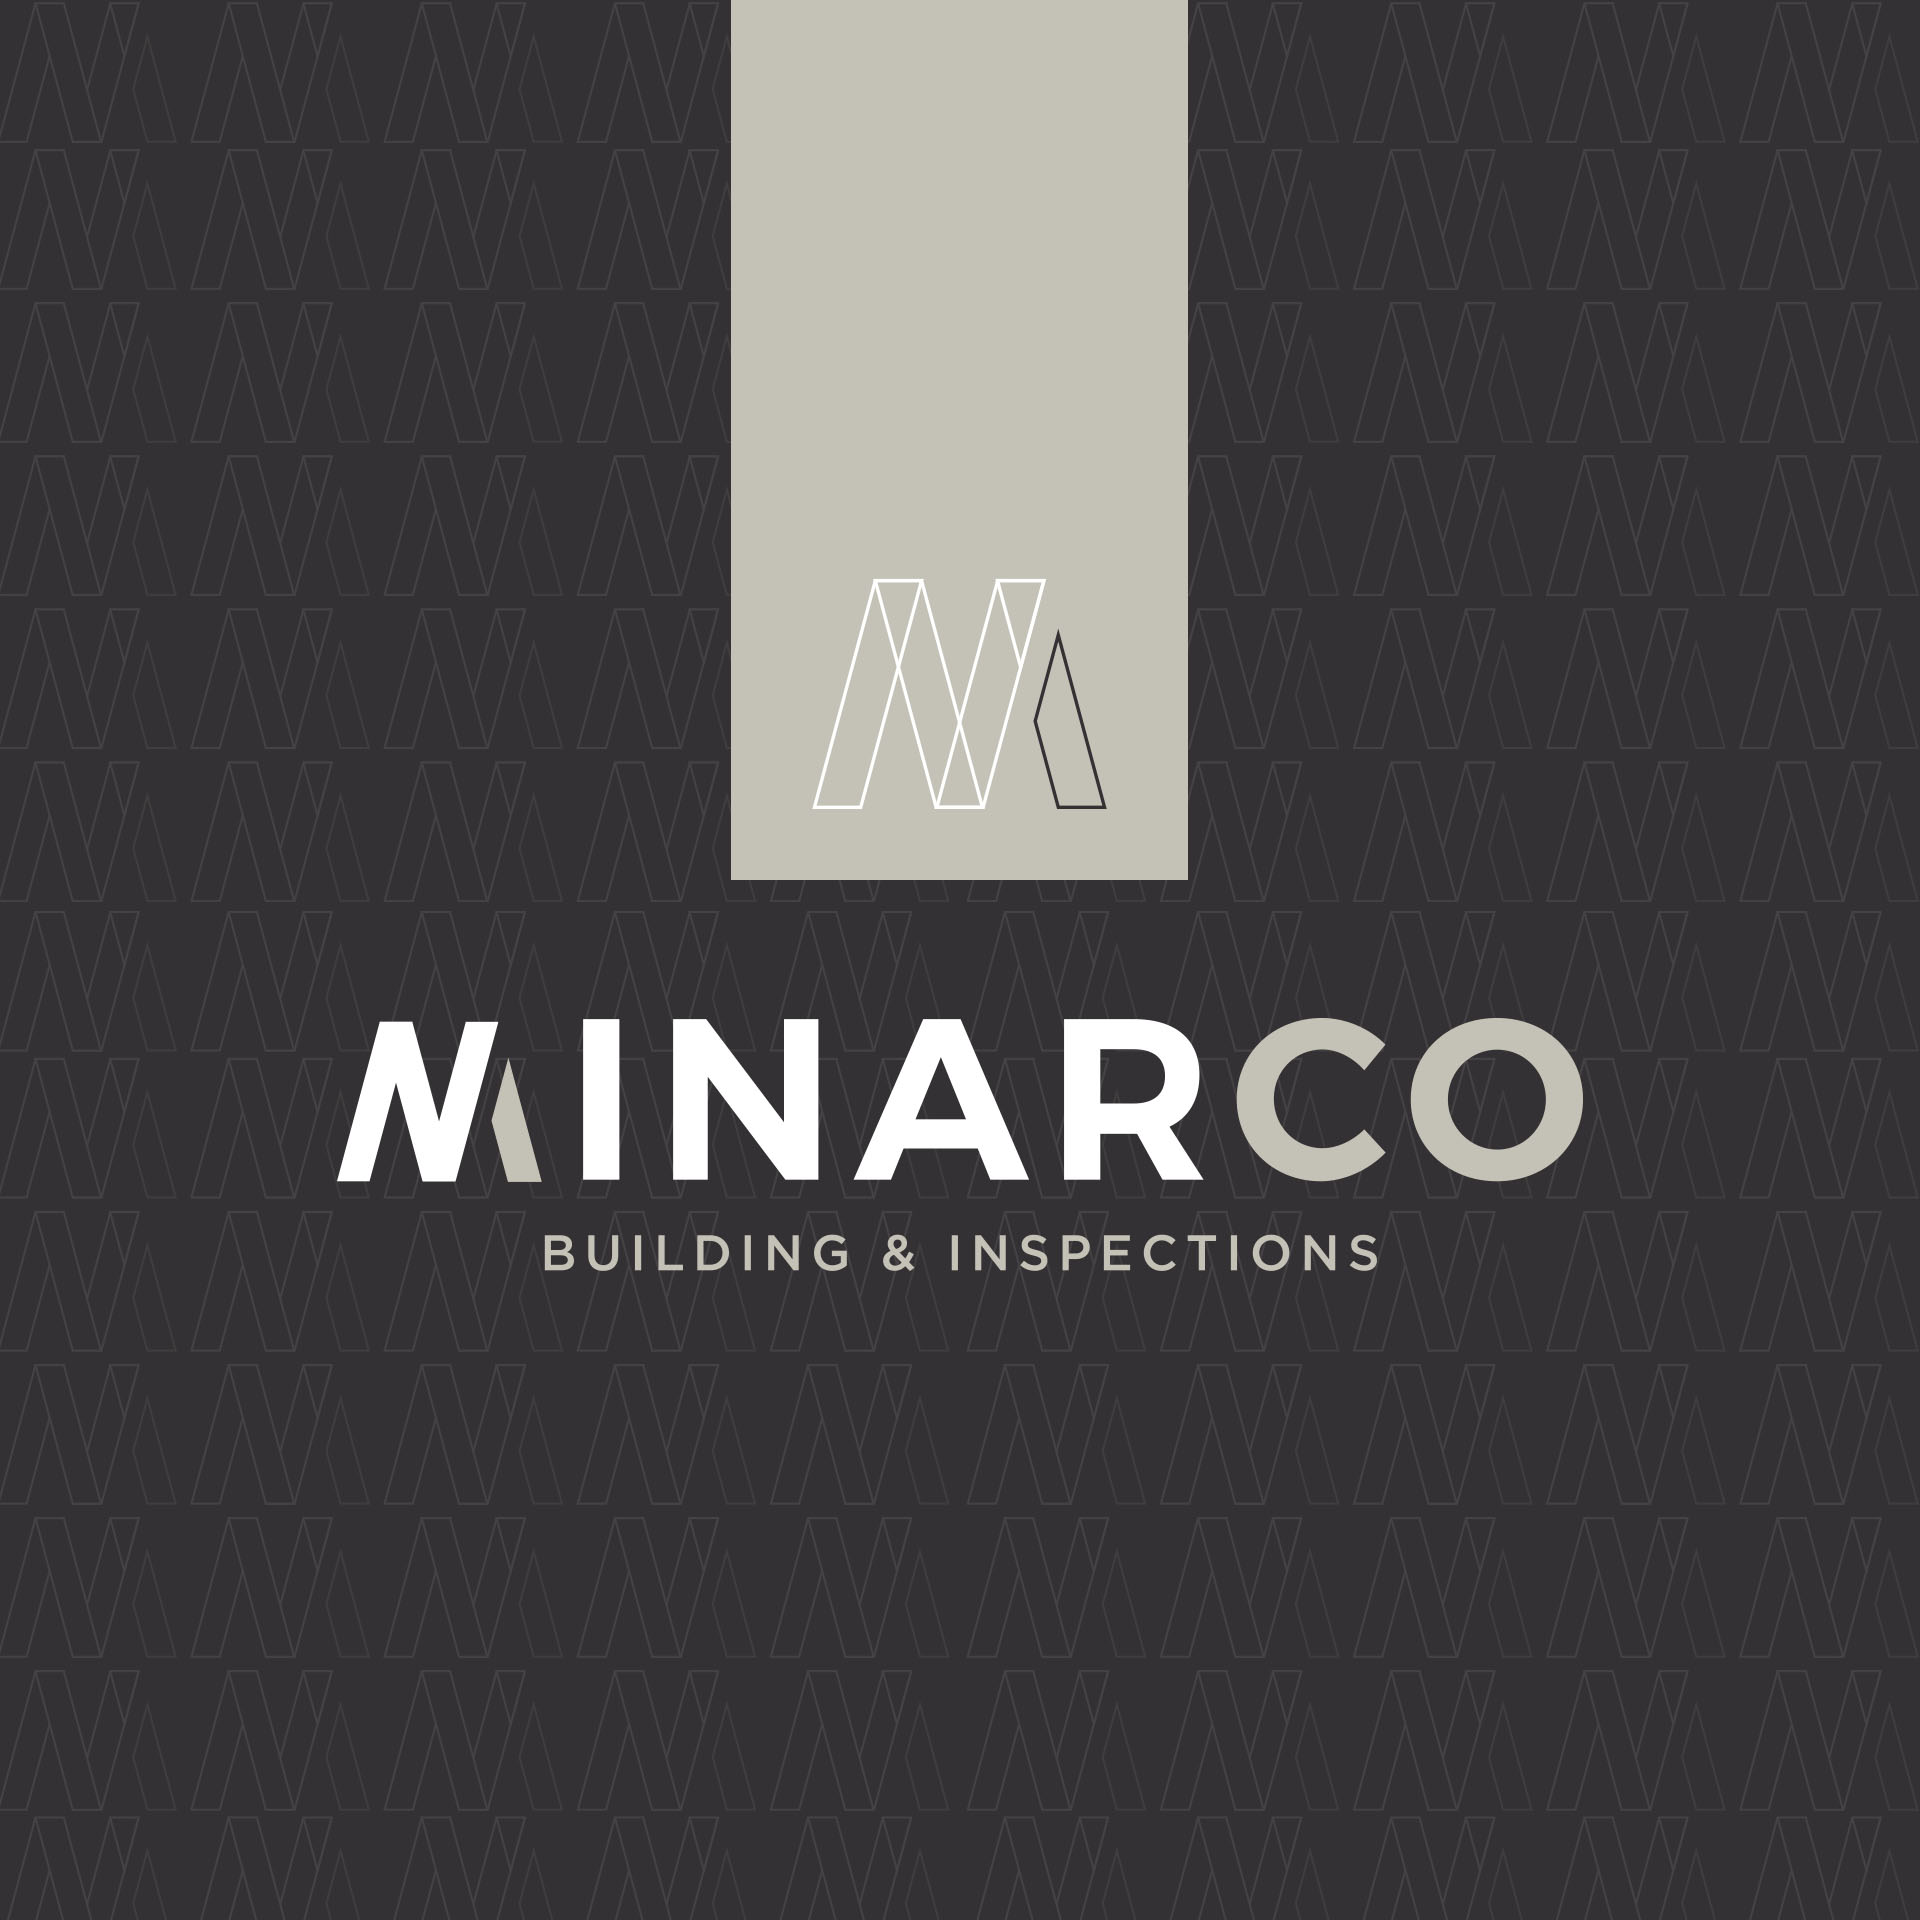 Minarco